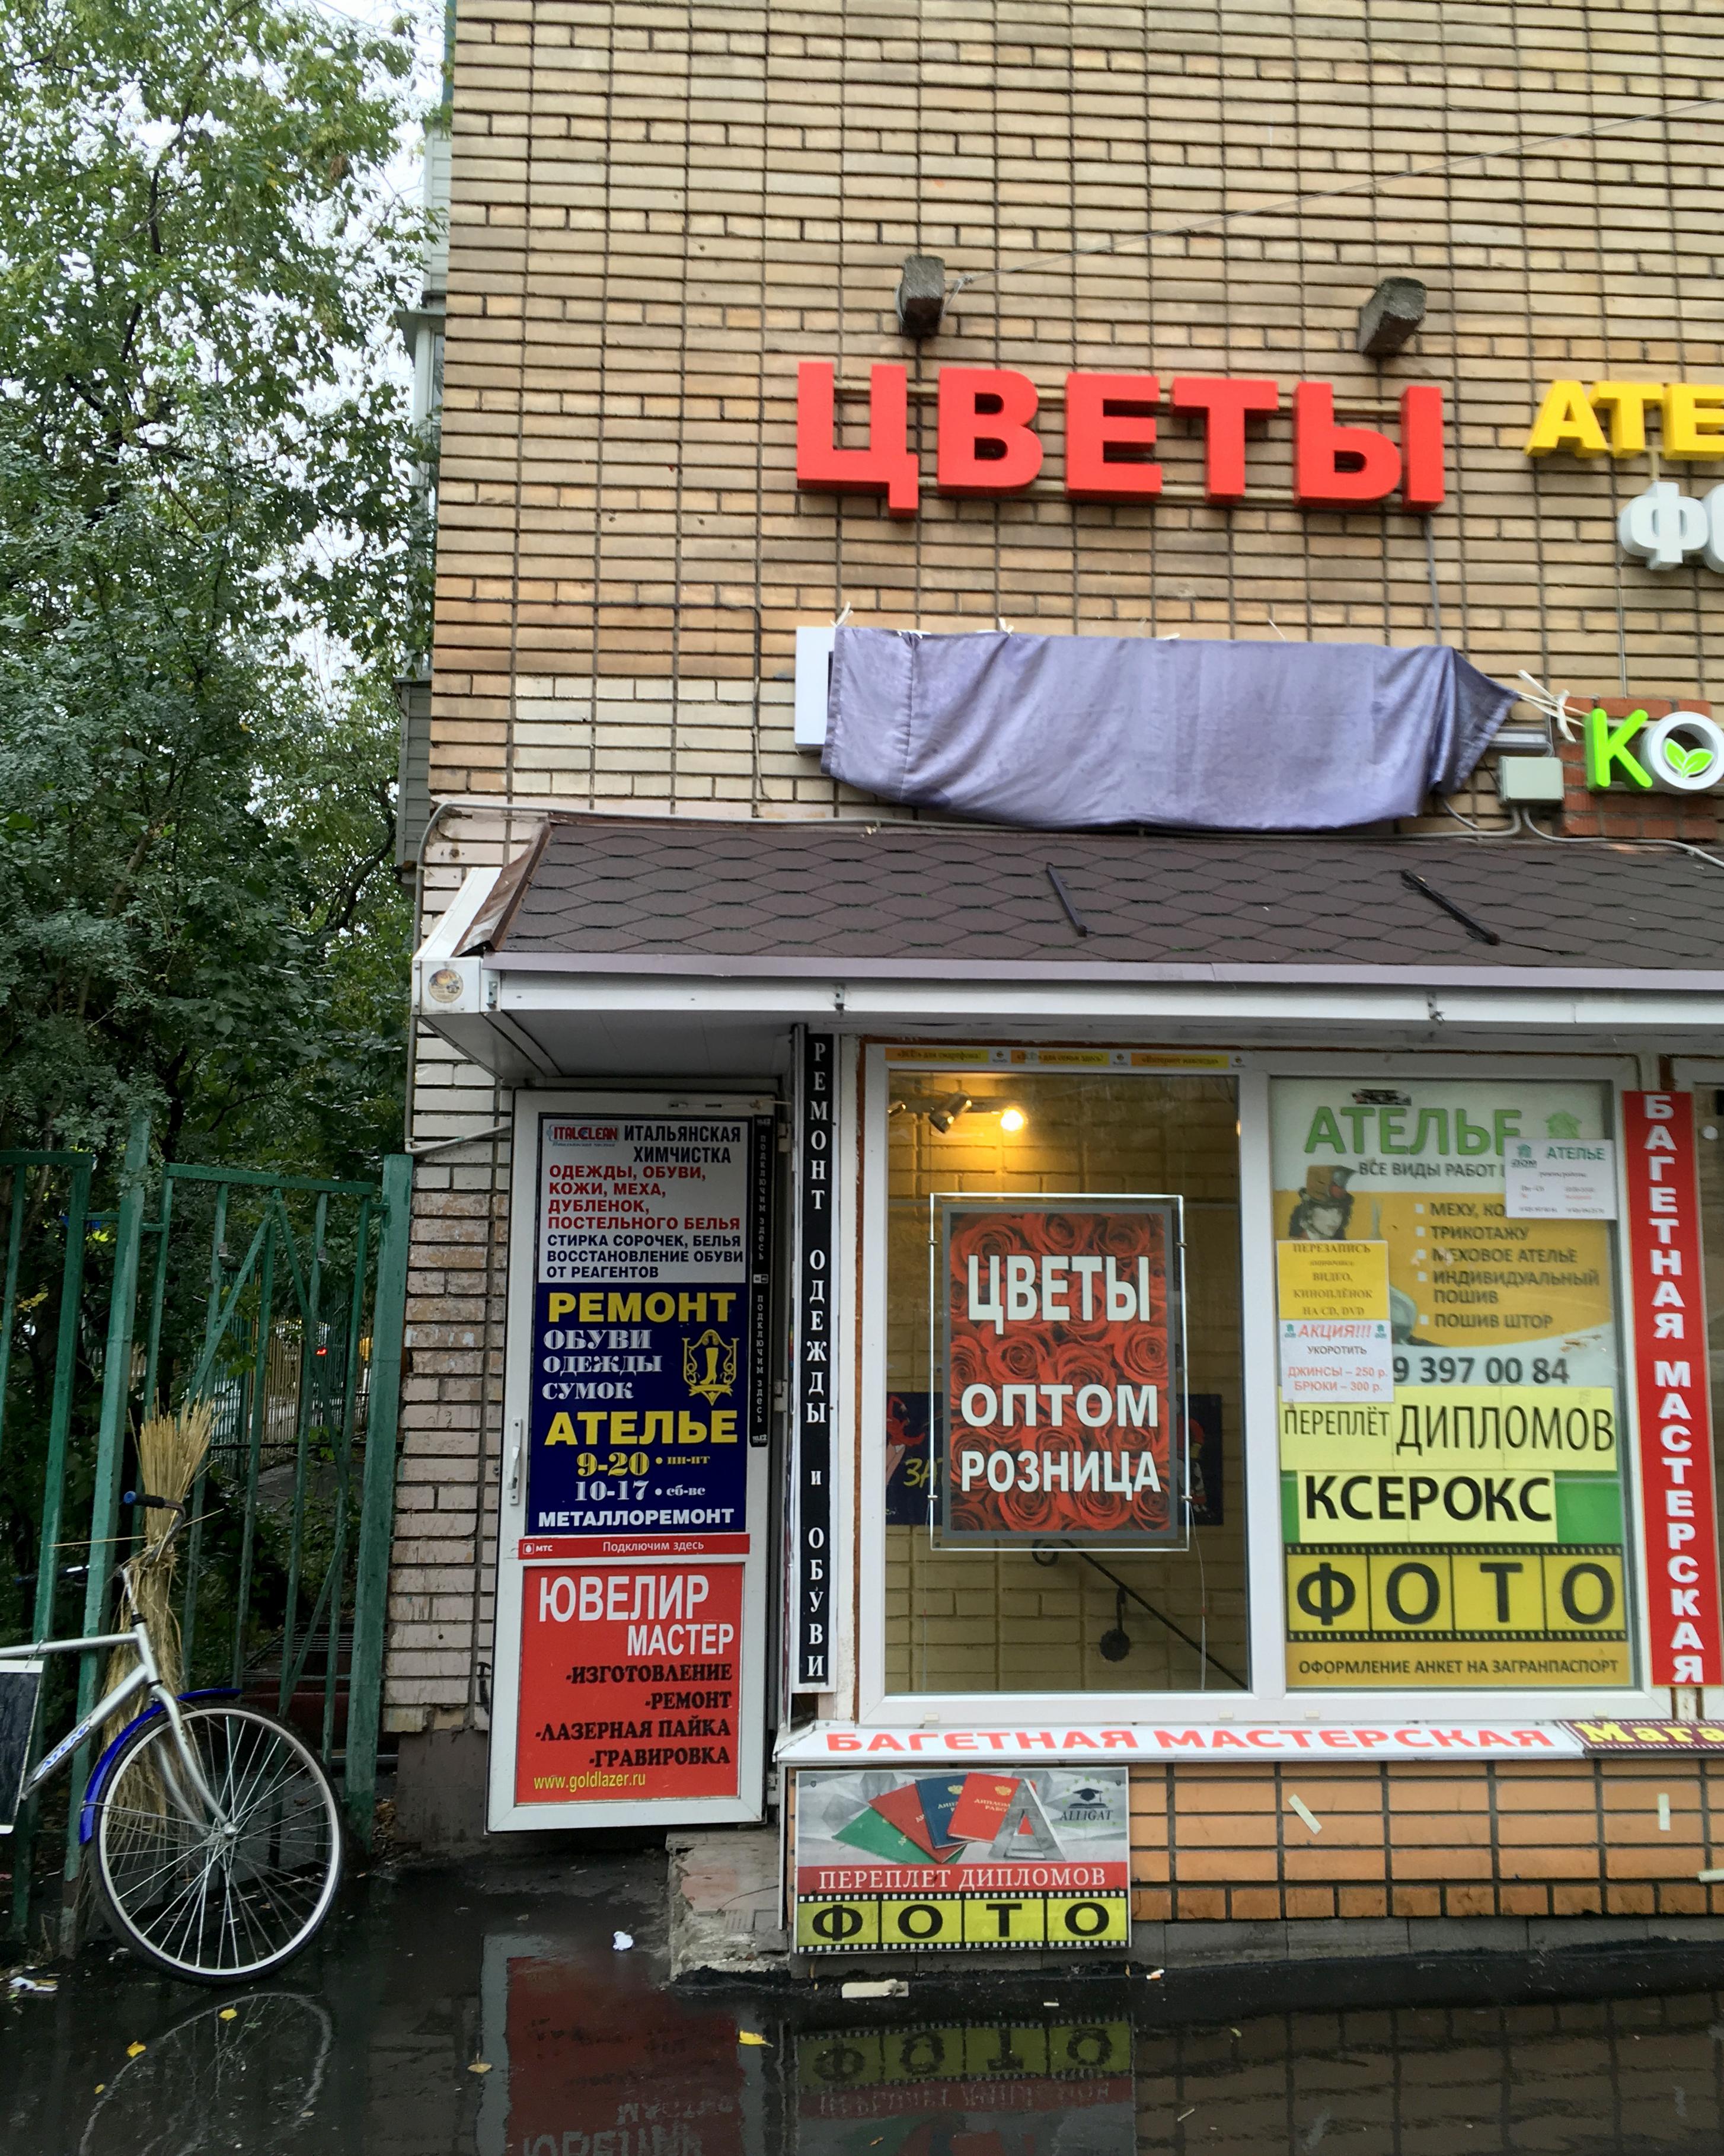 ЖСК Советский писатель - здесь наш магазин